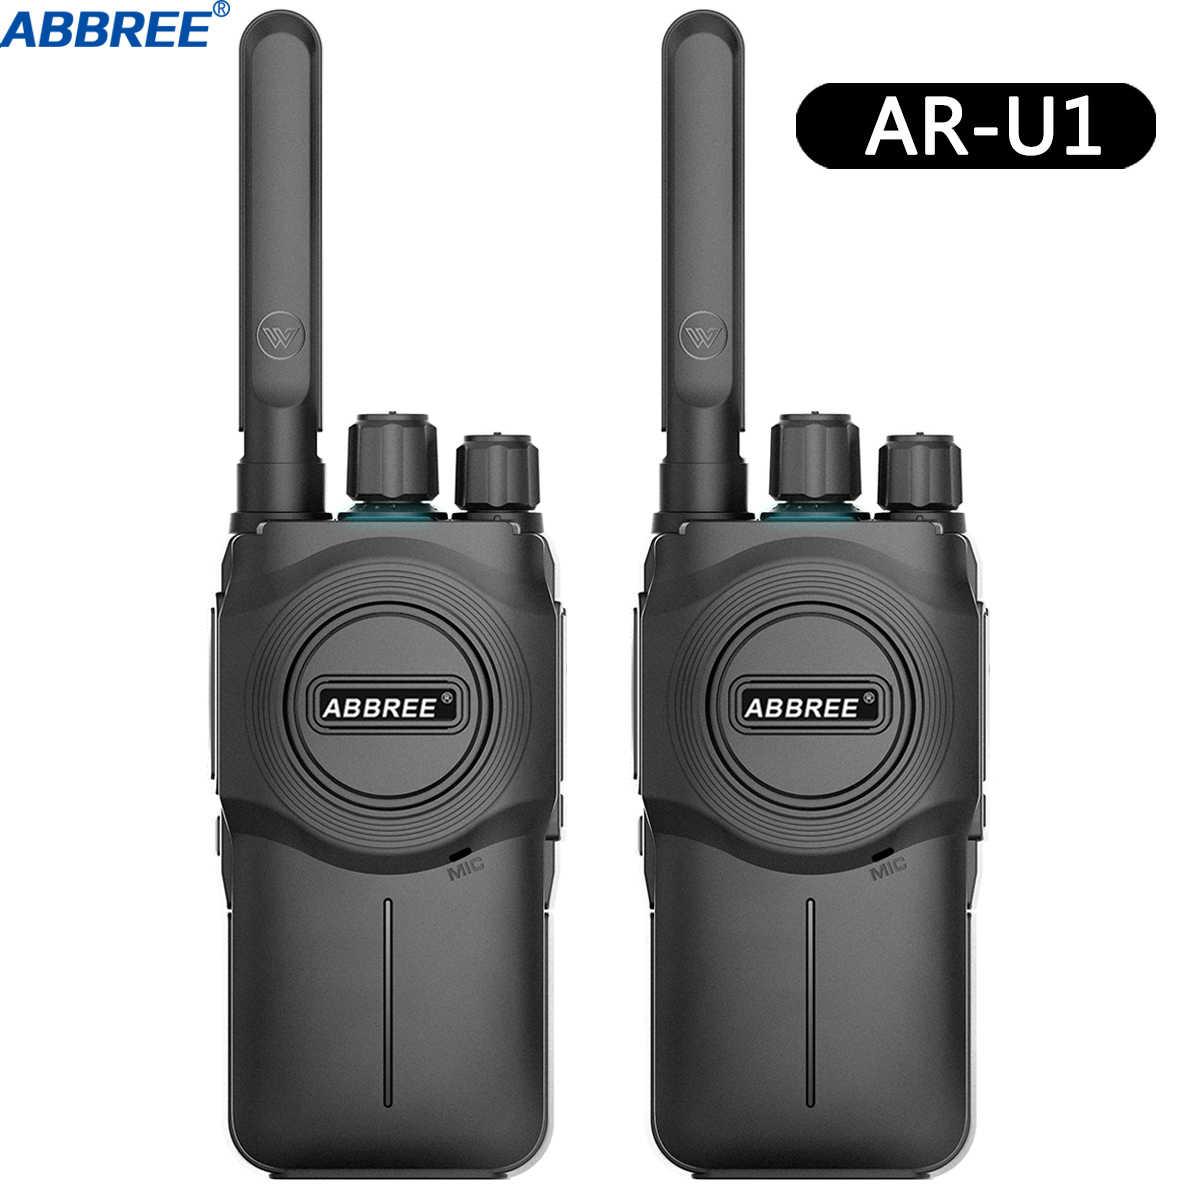 2PCSABBREE AR-U1 мини-рация Портативная радиостанция BF-888S UV-5R двухстороннее радио uhf band Радио-коммуникатор 400-480 МГц